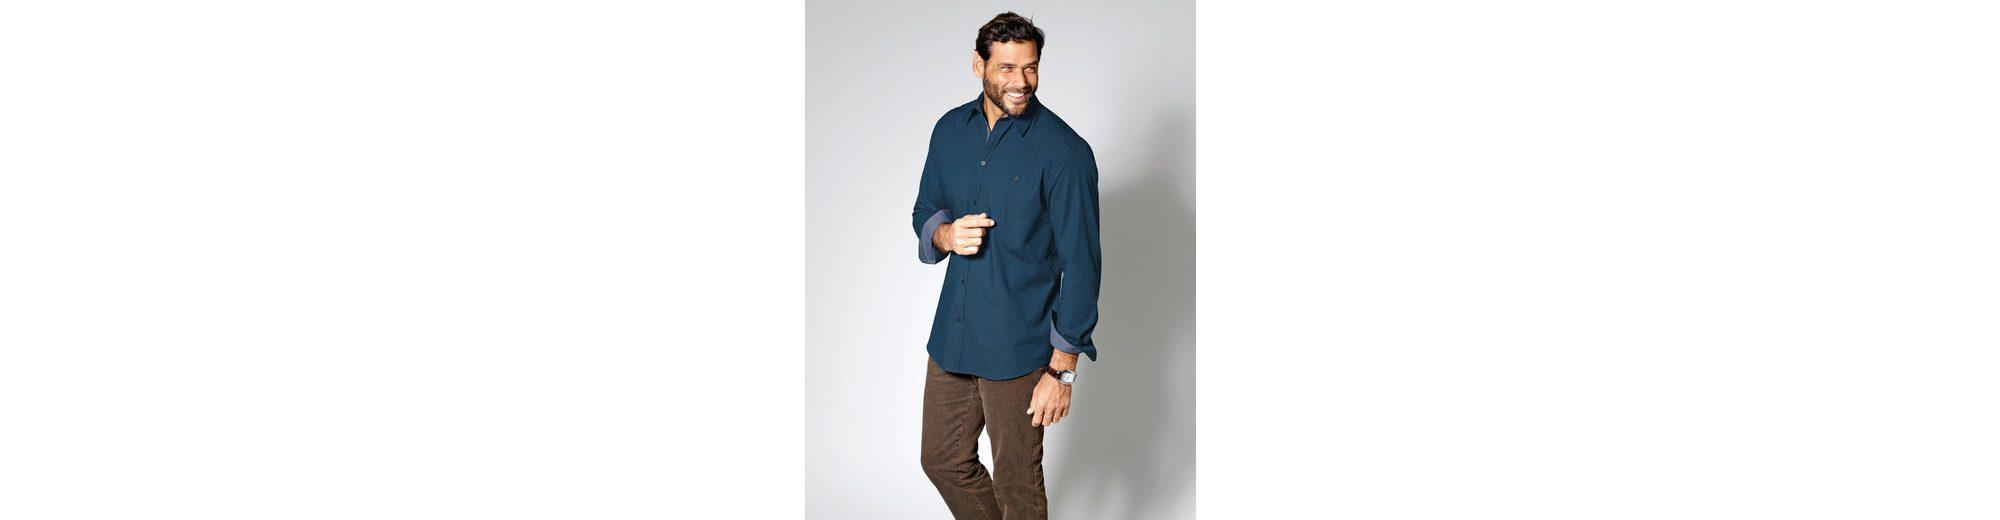 Billig Verkauf Limitierter Auflage Men Plus by Happy Size Hemd Rabatt Veröffentlichungstermine KGn13eY